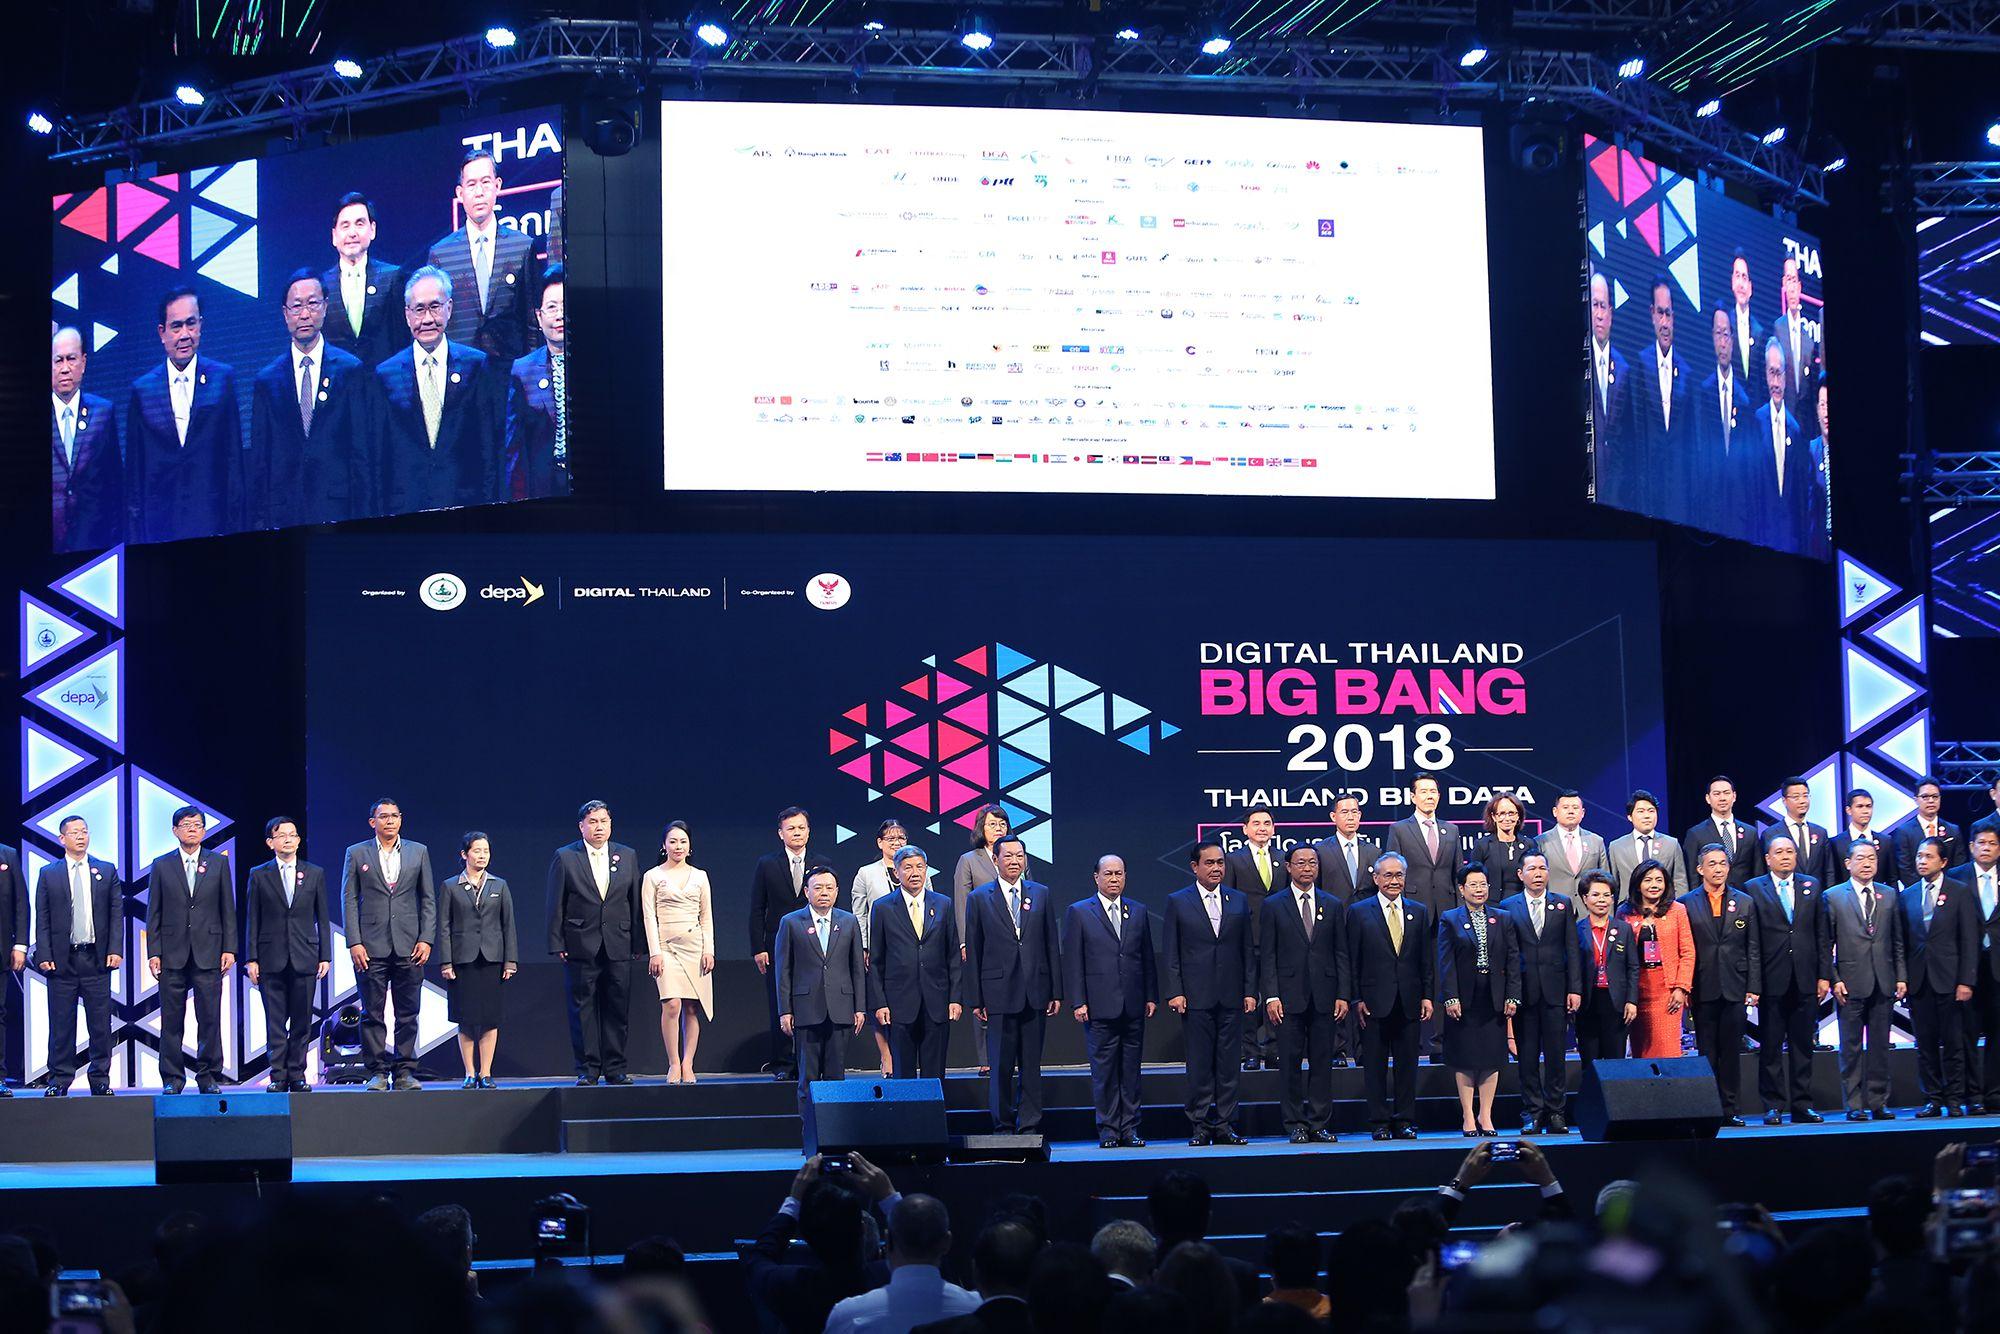 Thy Nga trên sân khấu cùng Thủ tướng Thái Lan Prayuth Chan-Ocha, VIP khai mạc BigBang 2018